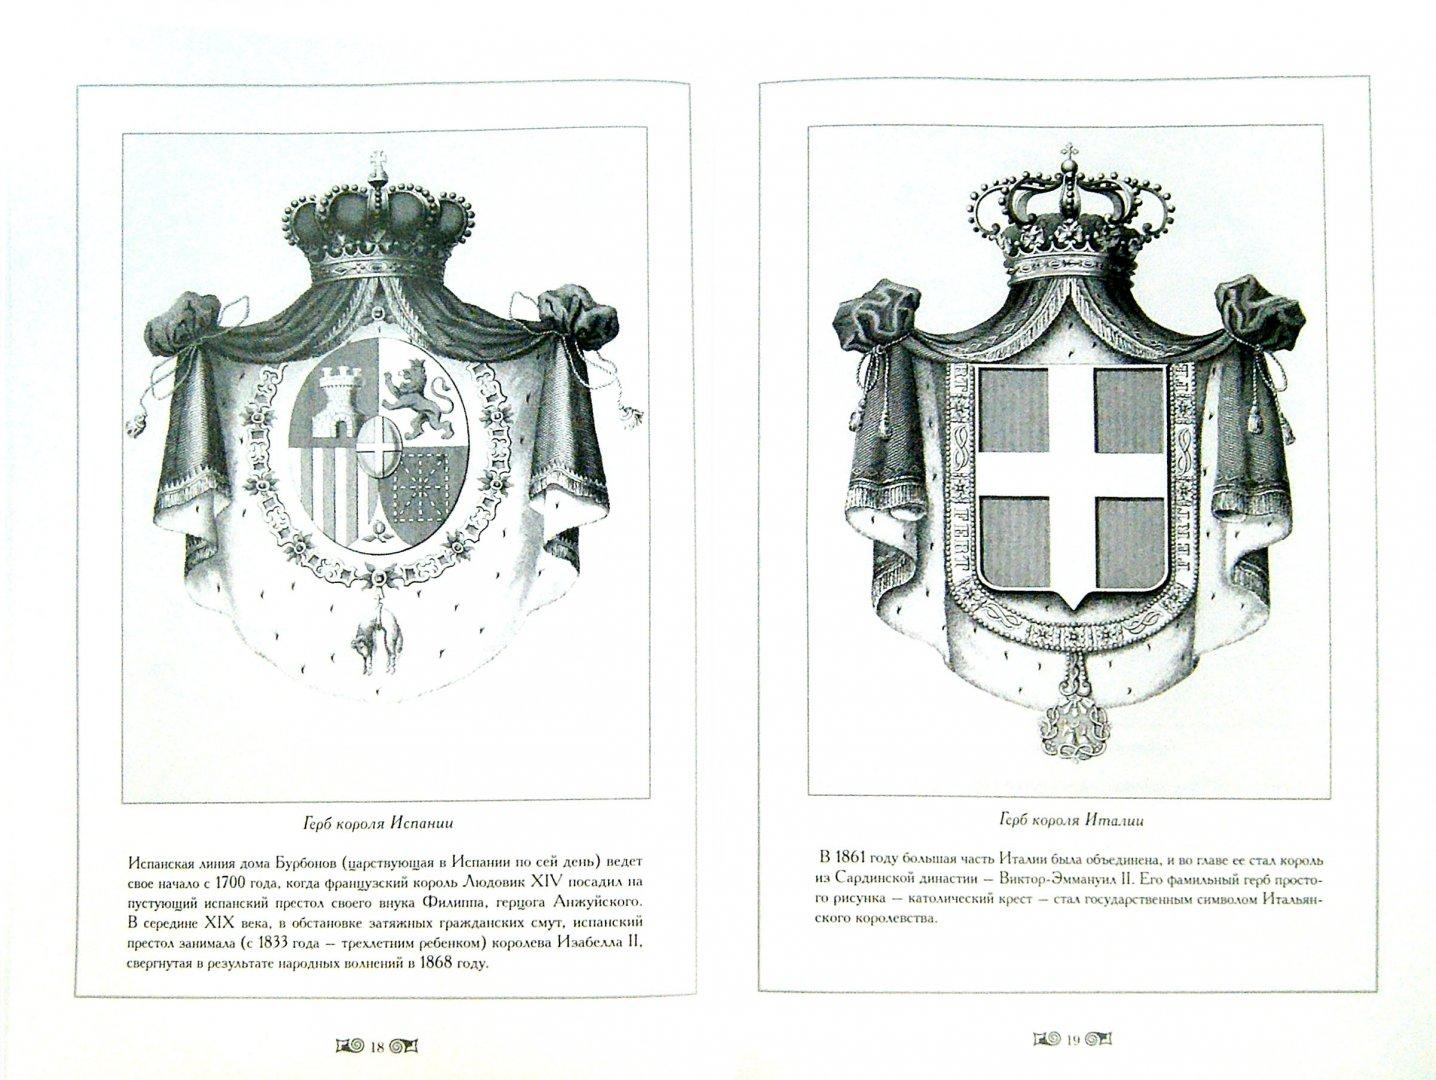 Иллюстрация 1 из 8 для Гербы европейских правителей - А. Романовский | Лабиринт - книги. Источник: Лабиринт